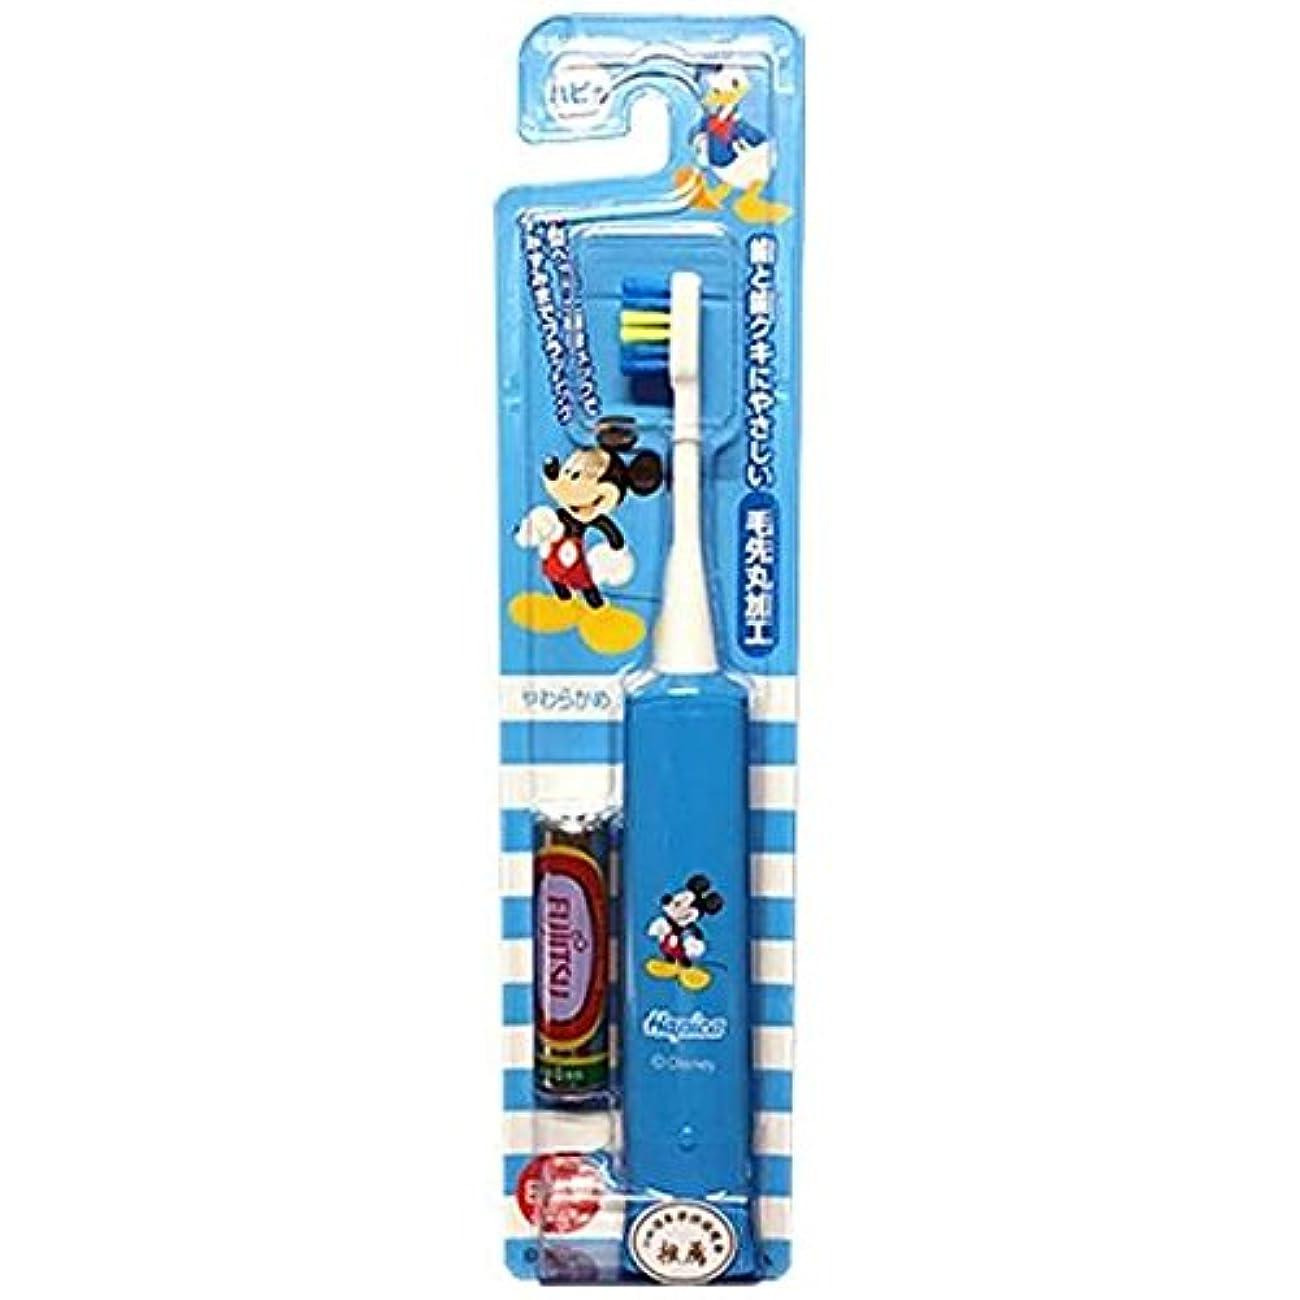 差滑る残酷ミニマム 電動付歯ブラシ こどもハピカ ミッキー(ブルー) 毛の硬さ:やわらかめ DBK-5B(MK)